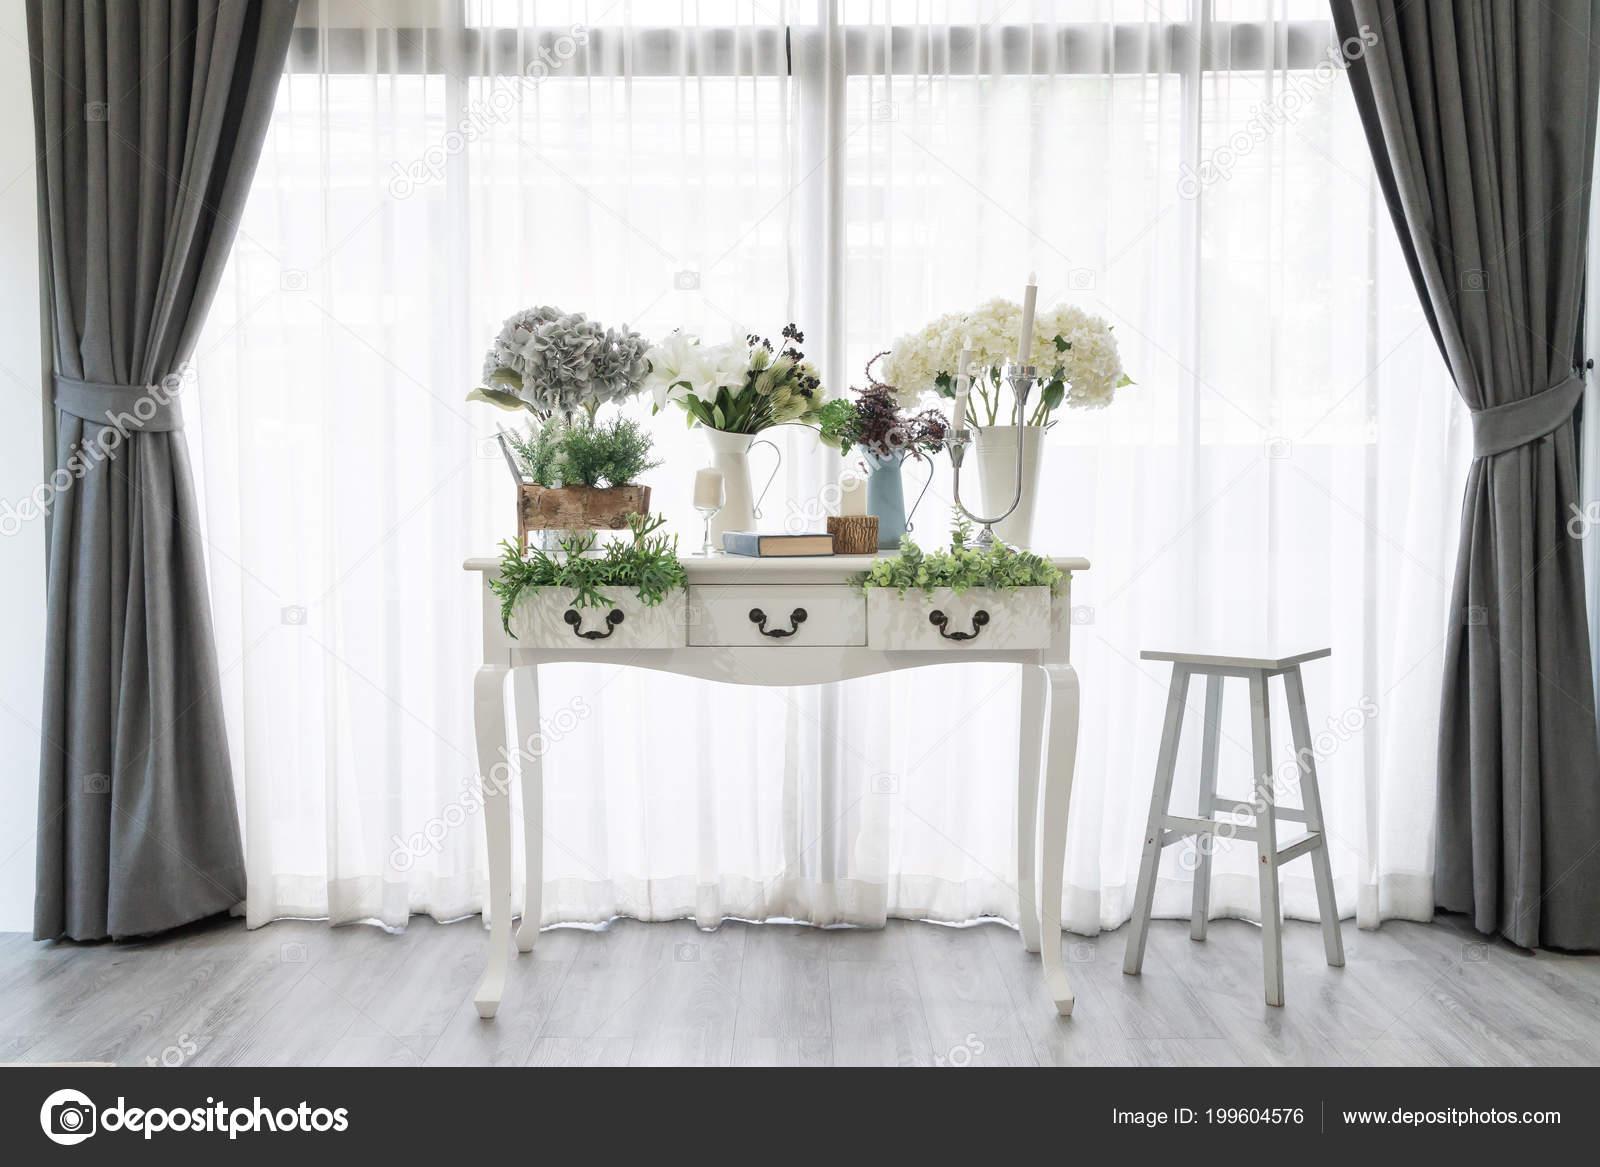 Schone Weisse Mobel Tisch Dekoration Wohnzimmer Mit Blumen